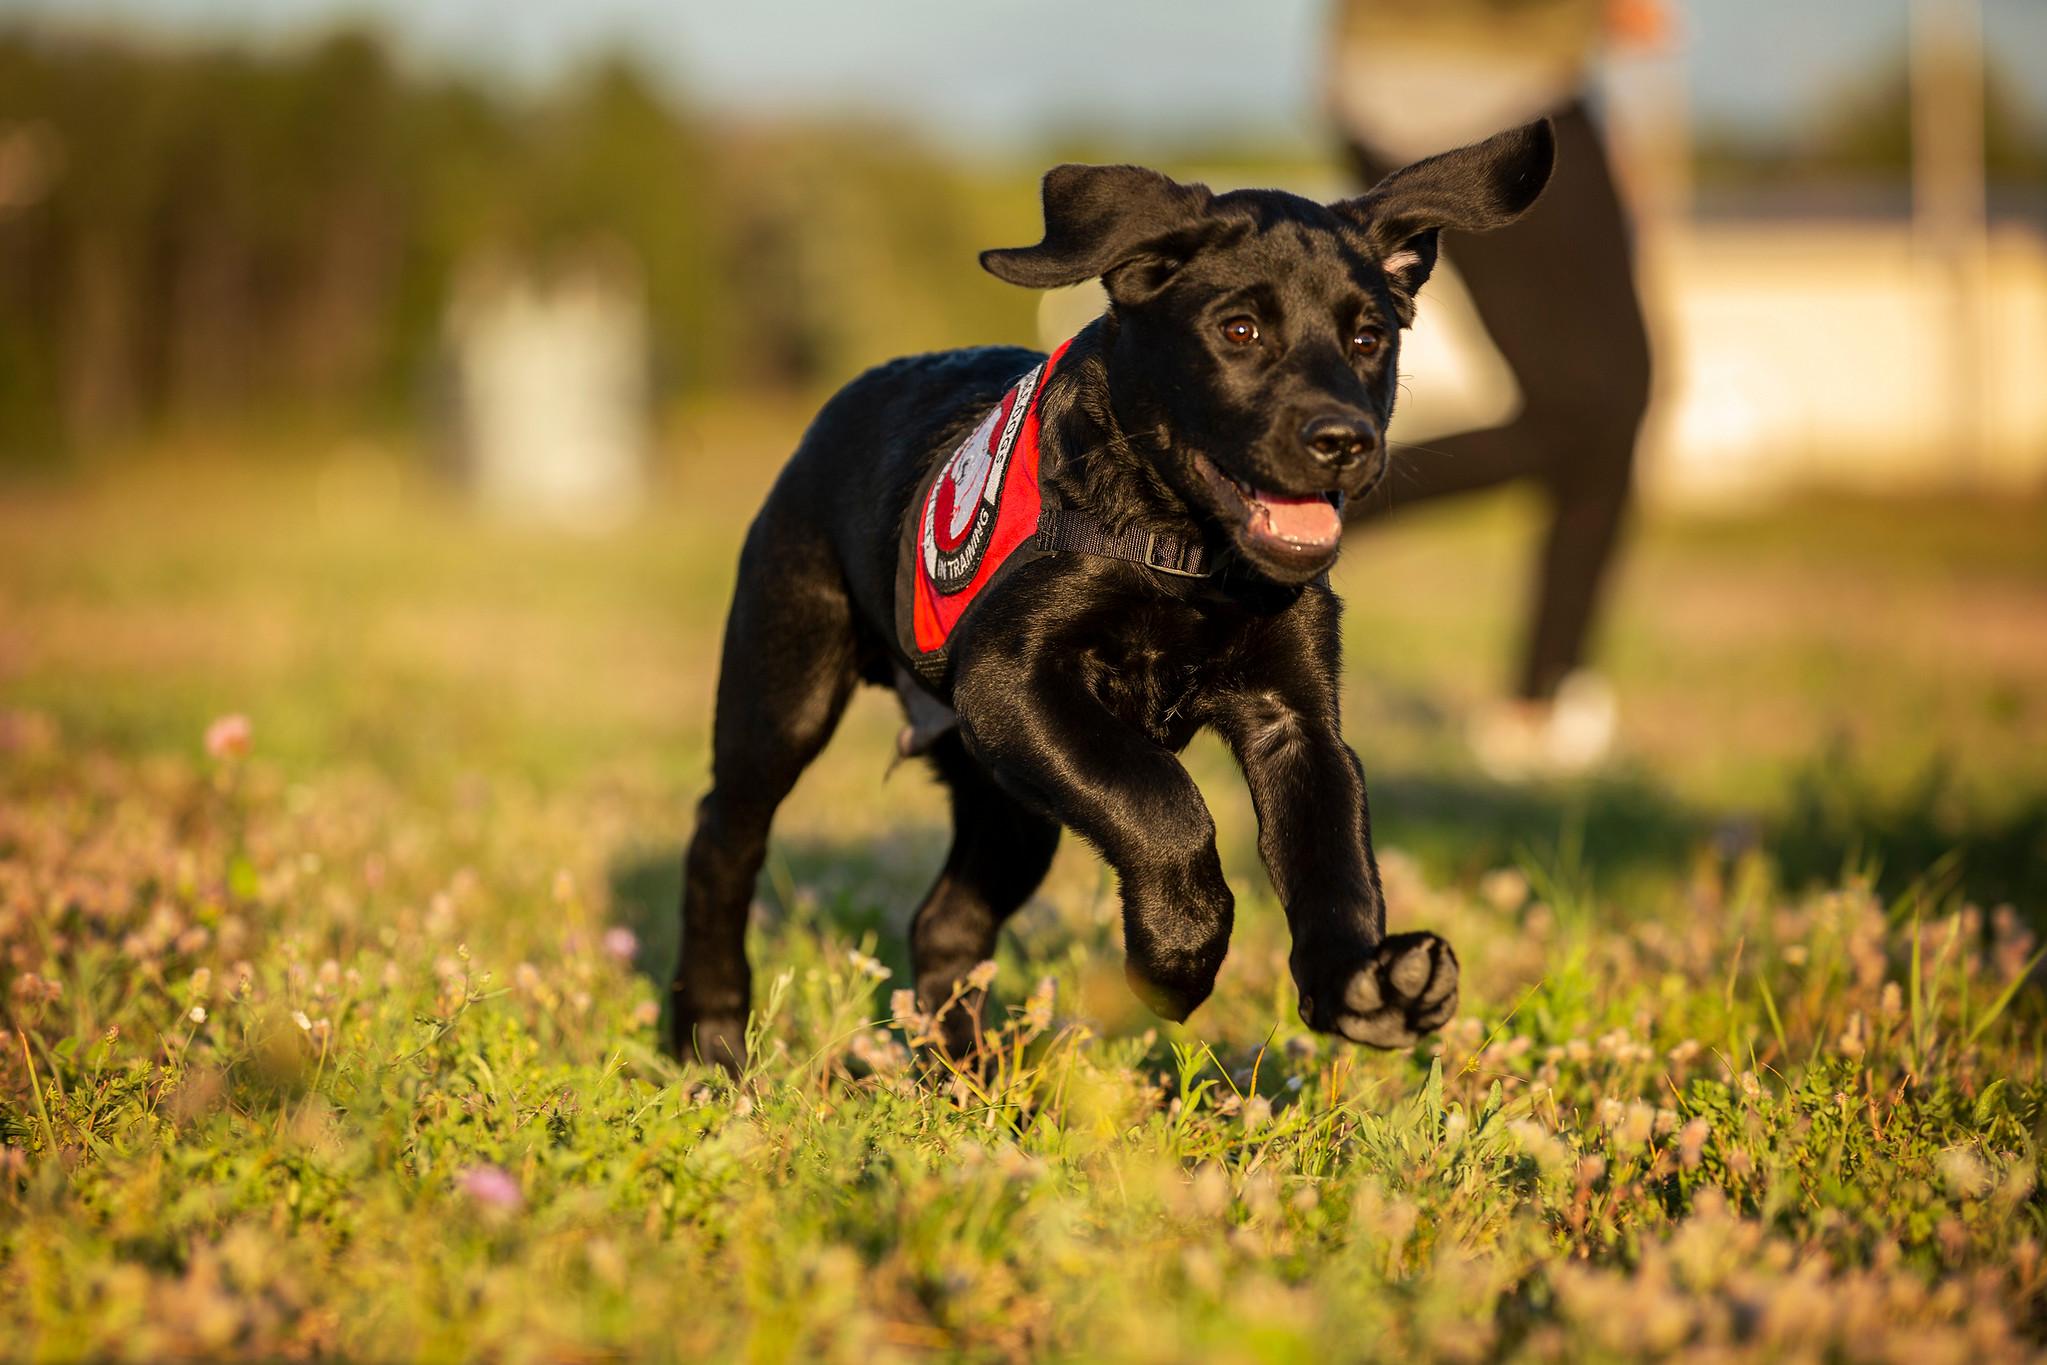 puppy running in grass